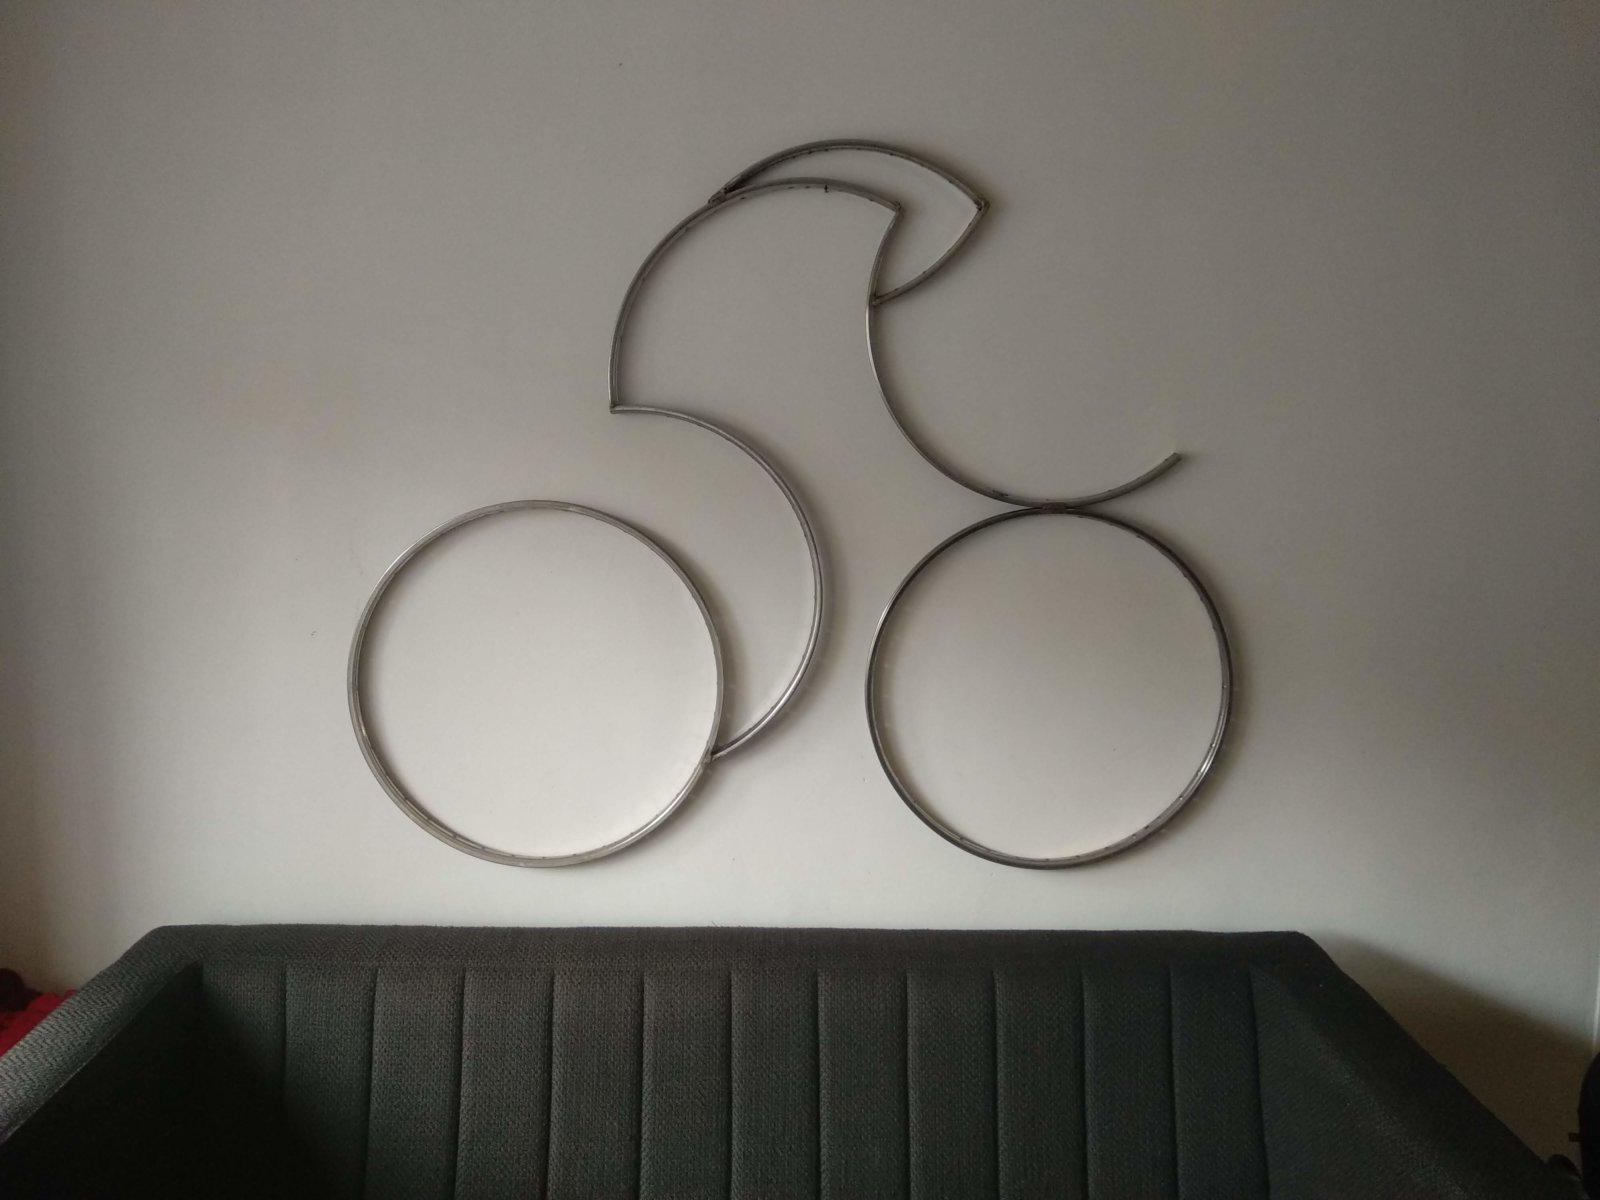 Sculptuur Tijdrijder Wielrenner Time Trail Cyclist